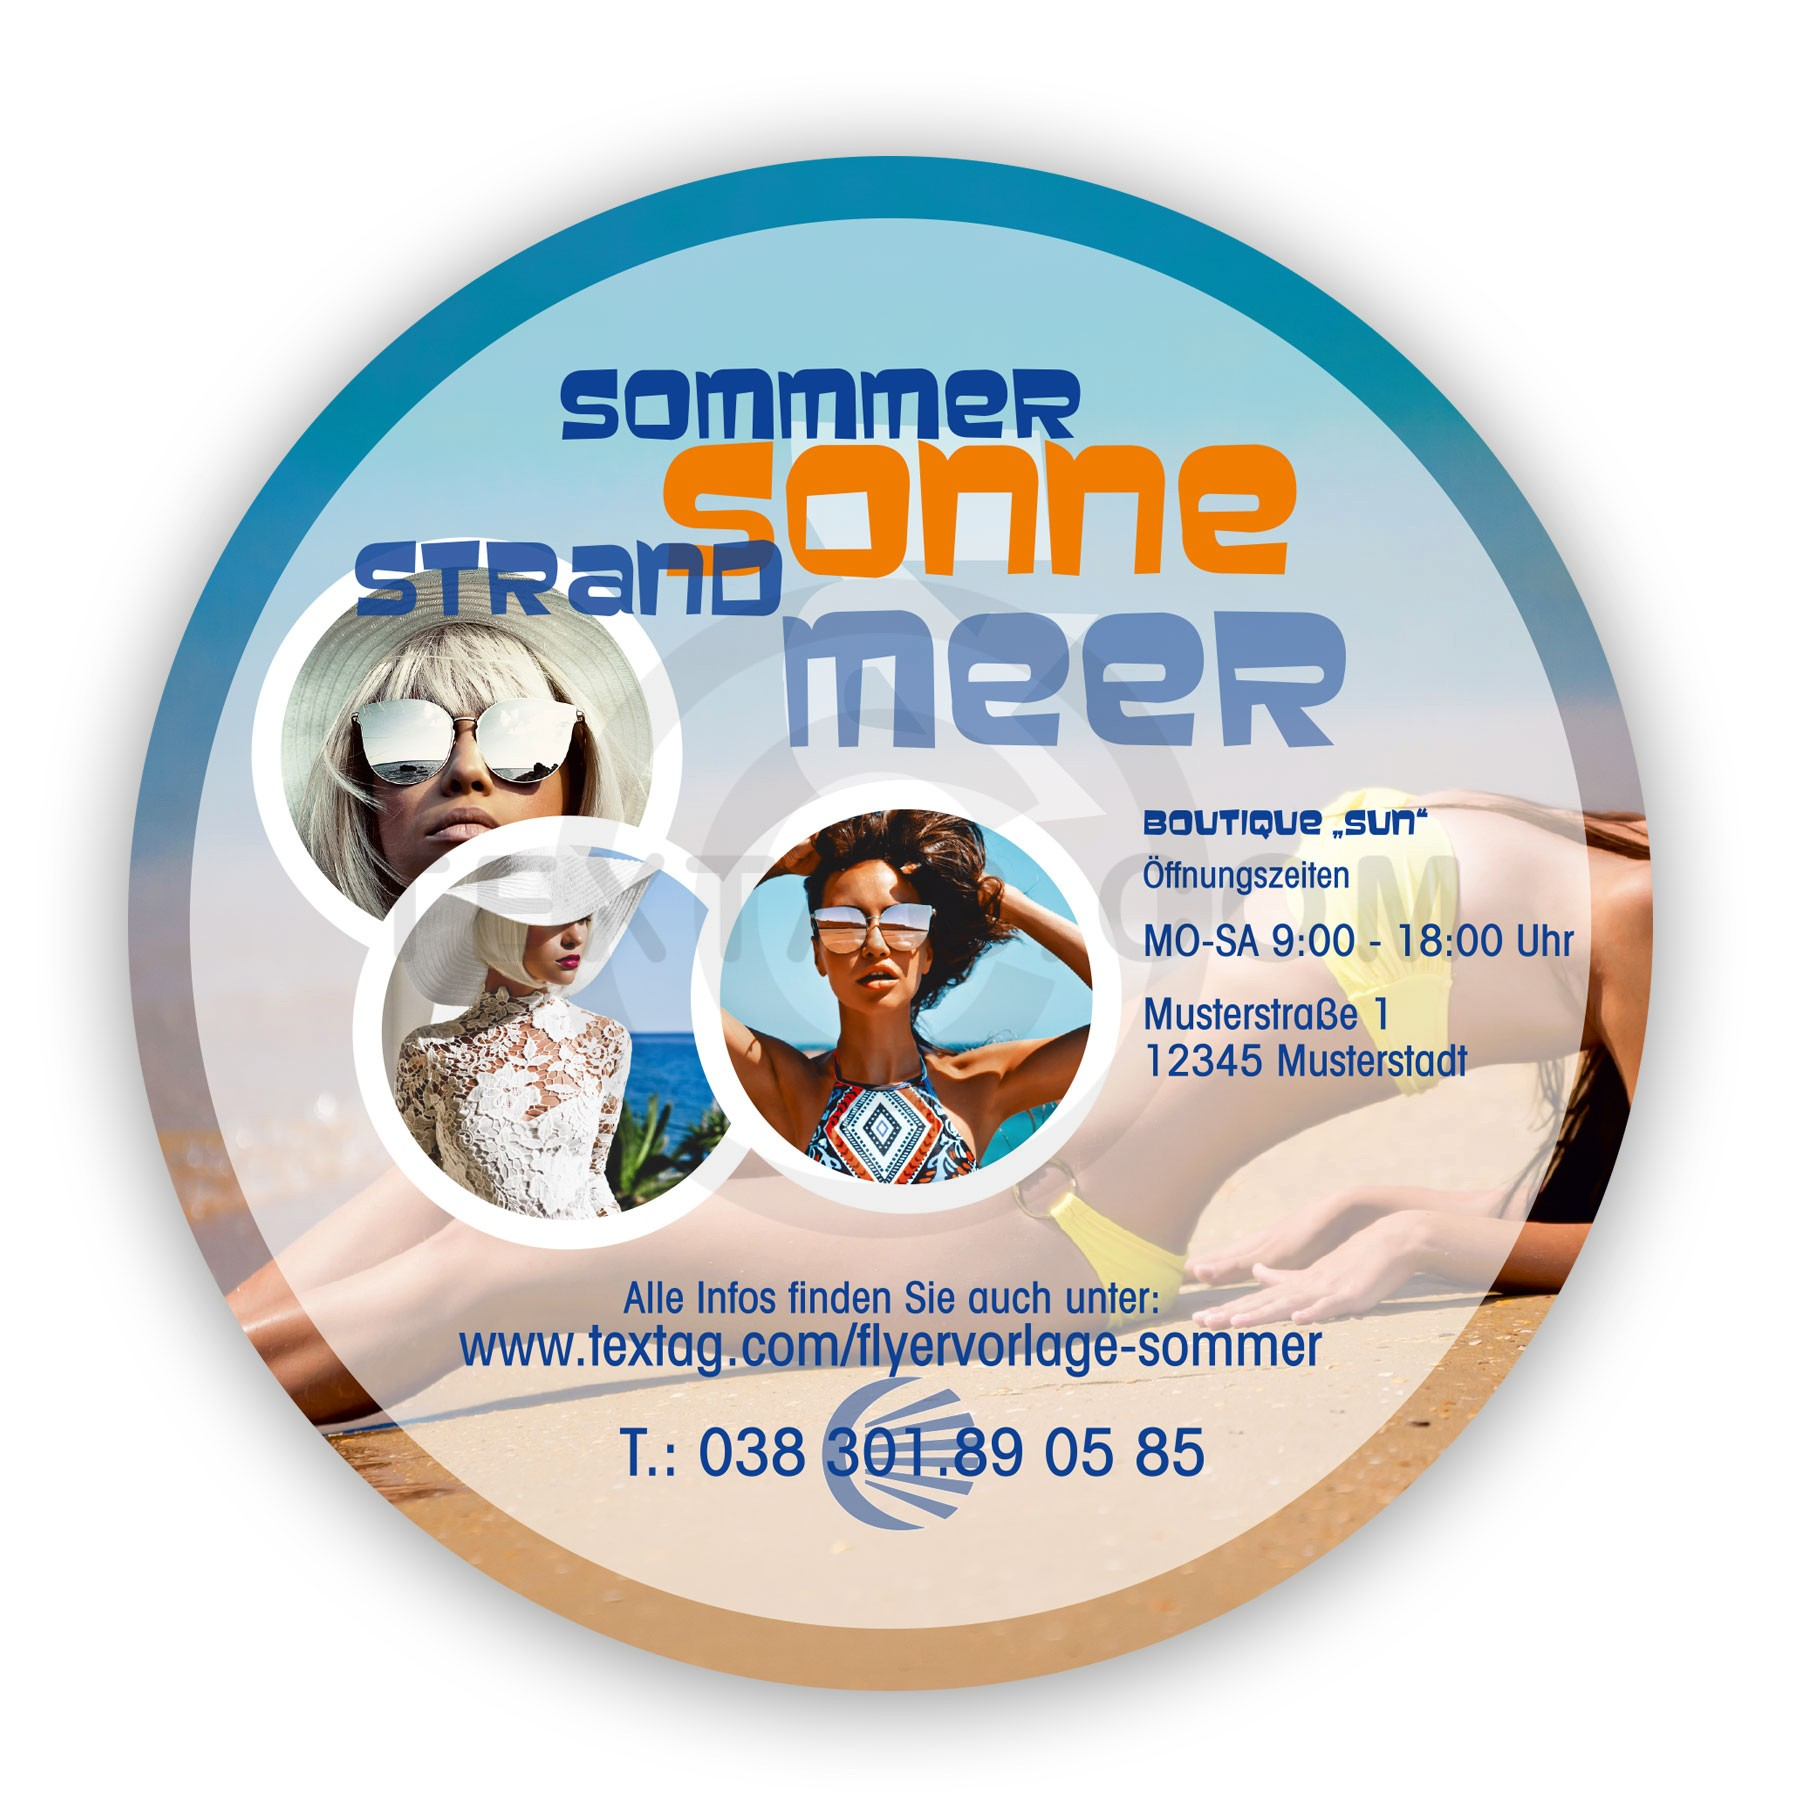 Flyer Vorlage Handel - Sommer Time 148x148 mm, rund inkl. Druck - TEXTAG GROUP Werbung